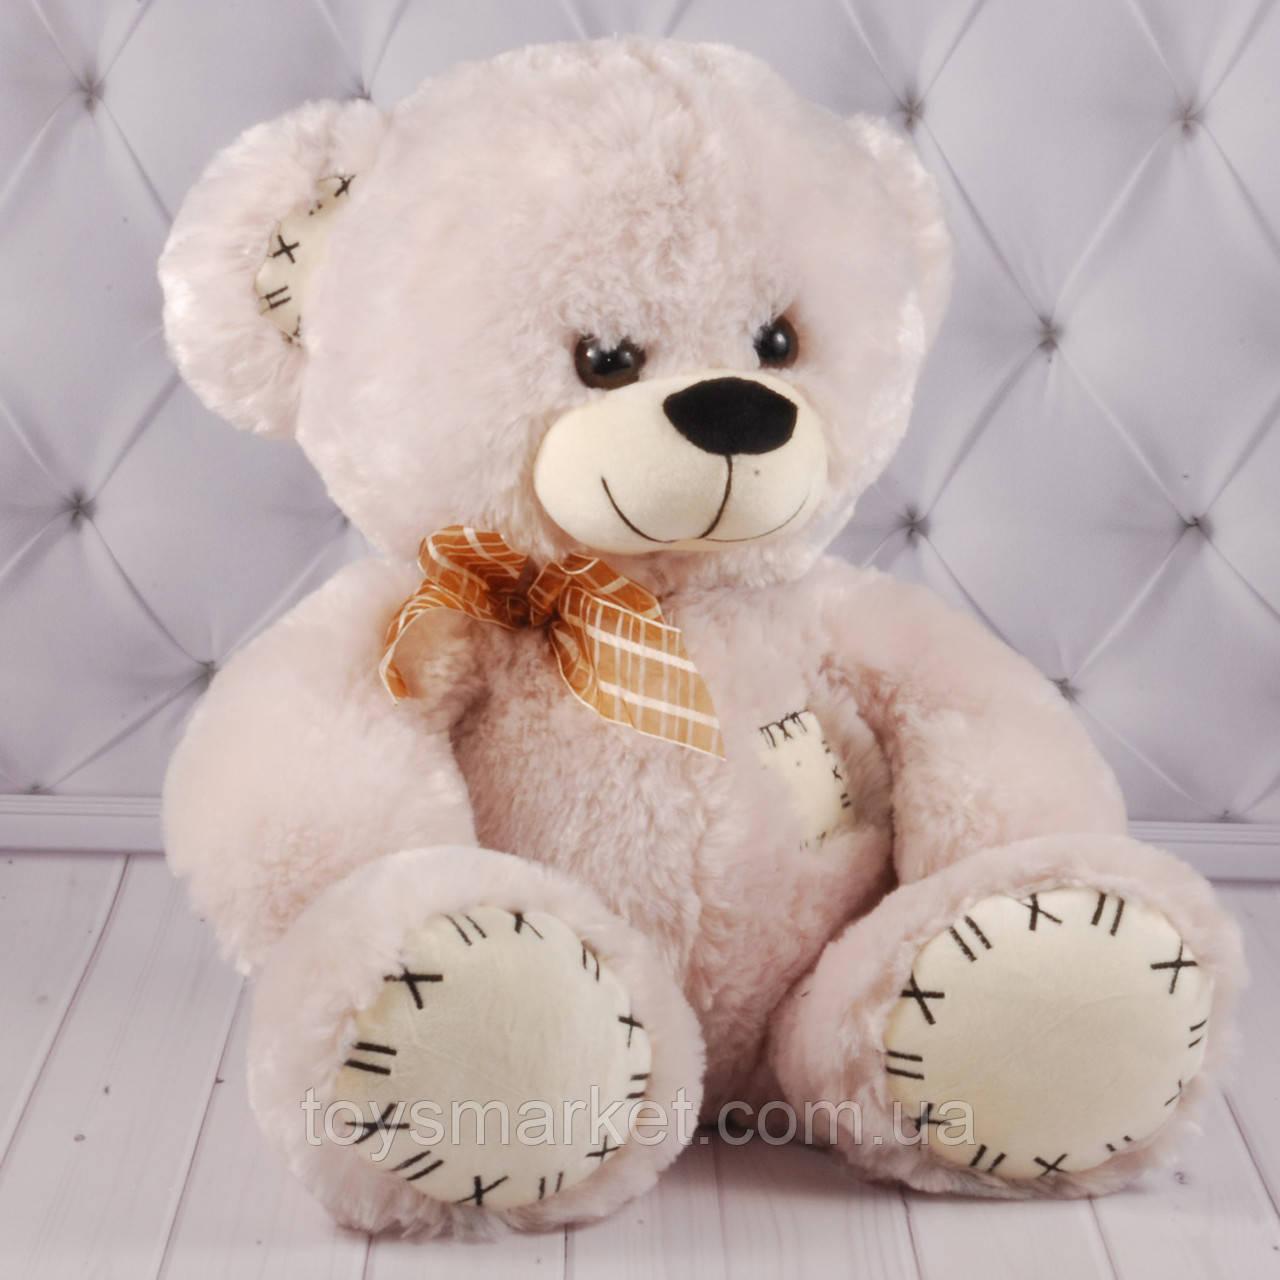 Мягкая игрушка медвежонок Веня, плюшевый медведь 40 см.